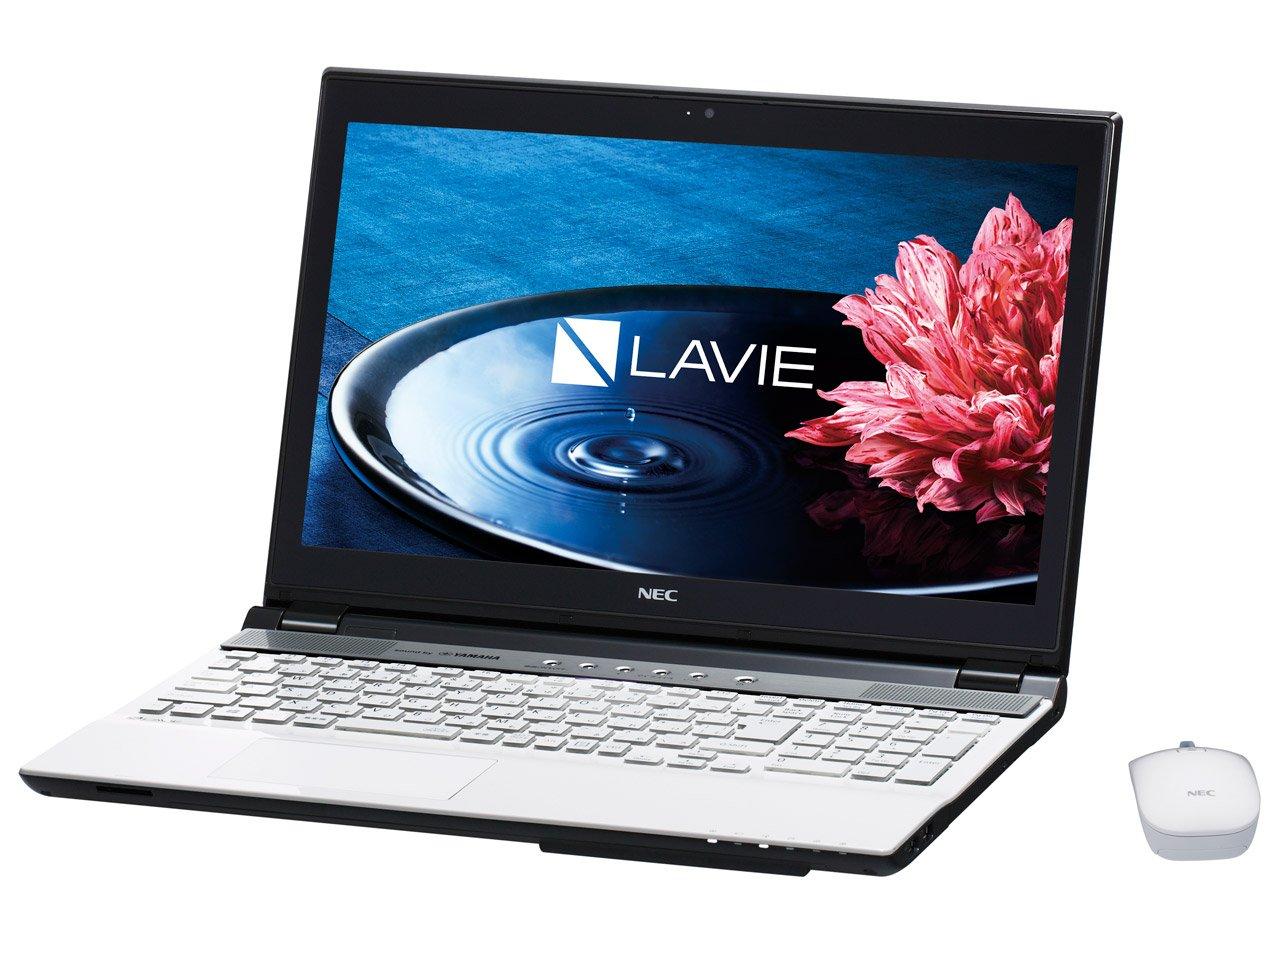 現品限り一斉値下げ! NEC PC-NS750EAW LAVIE LAVIE Standard Note Note Standard B01FFGTANQ, グッドライフ ウッド:1e9761a8 --- ballyshannonshow.com